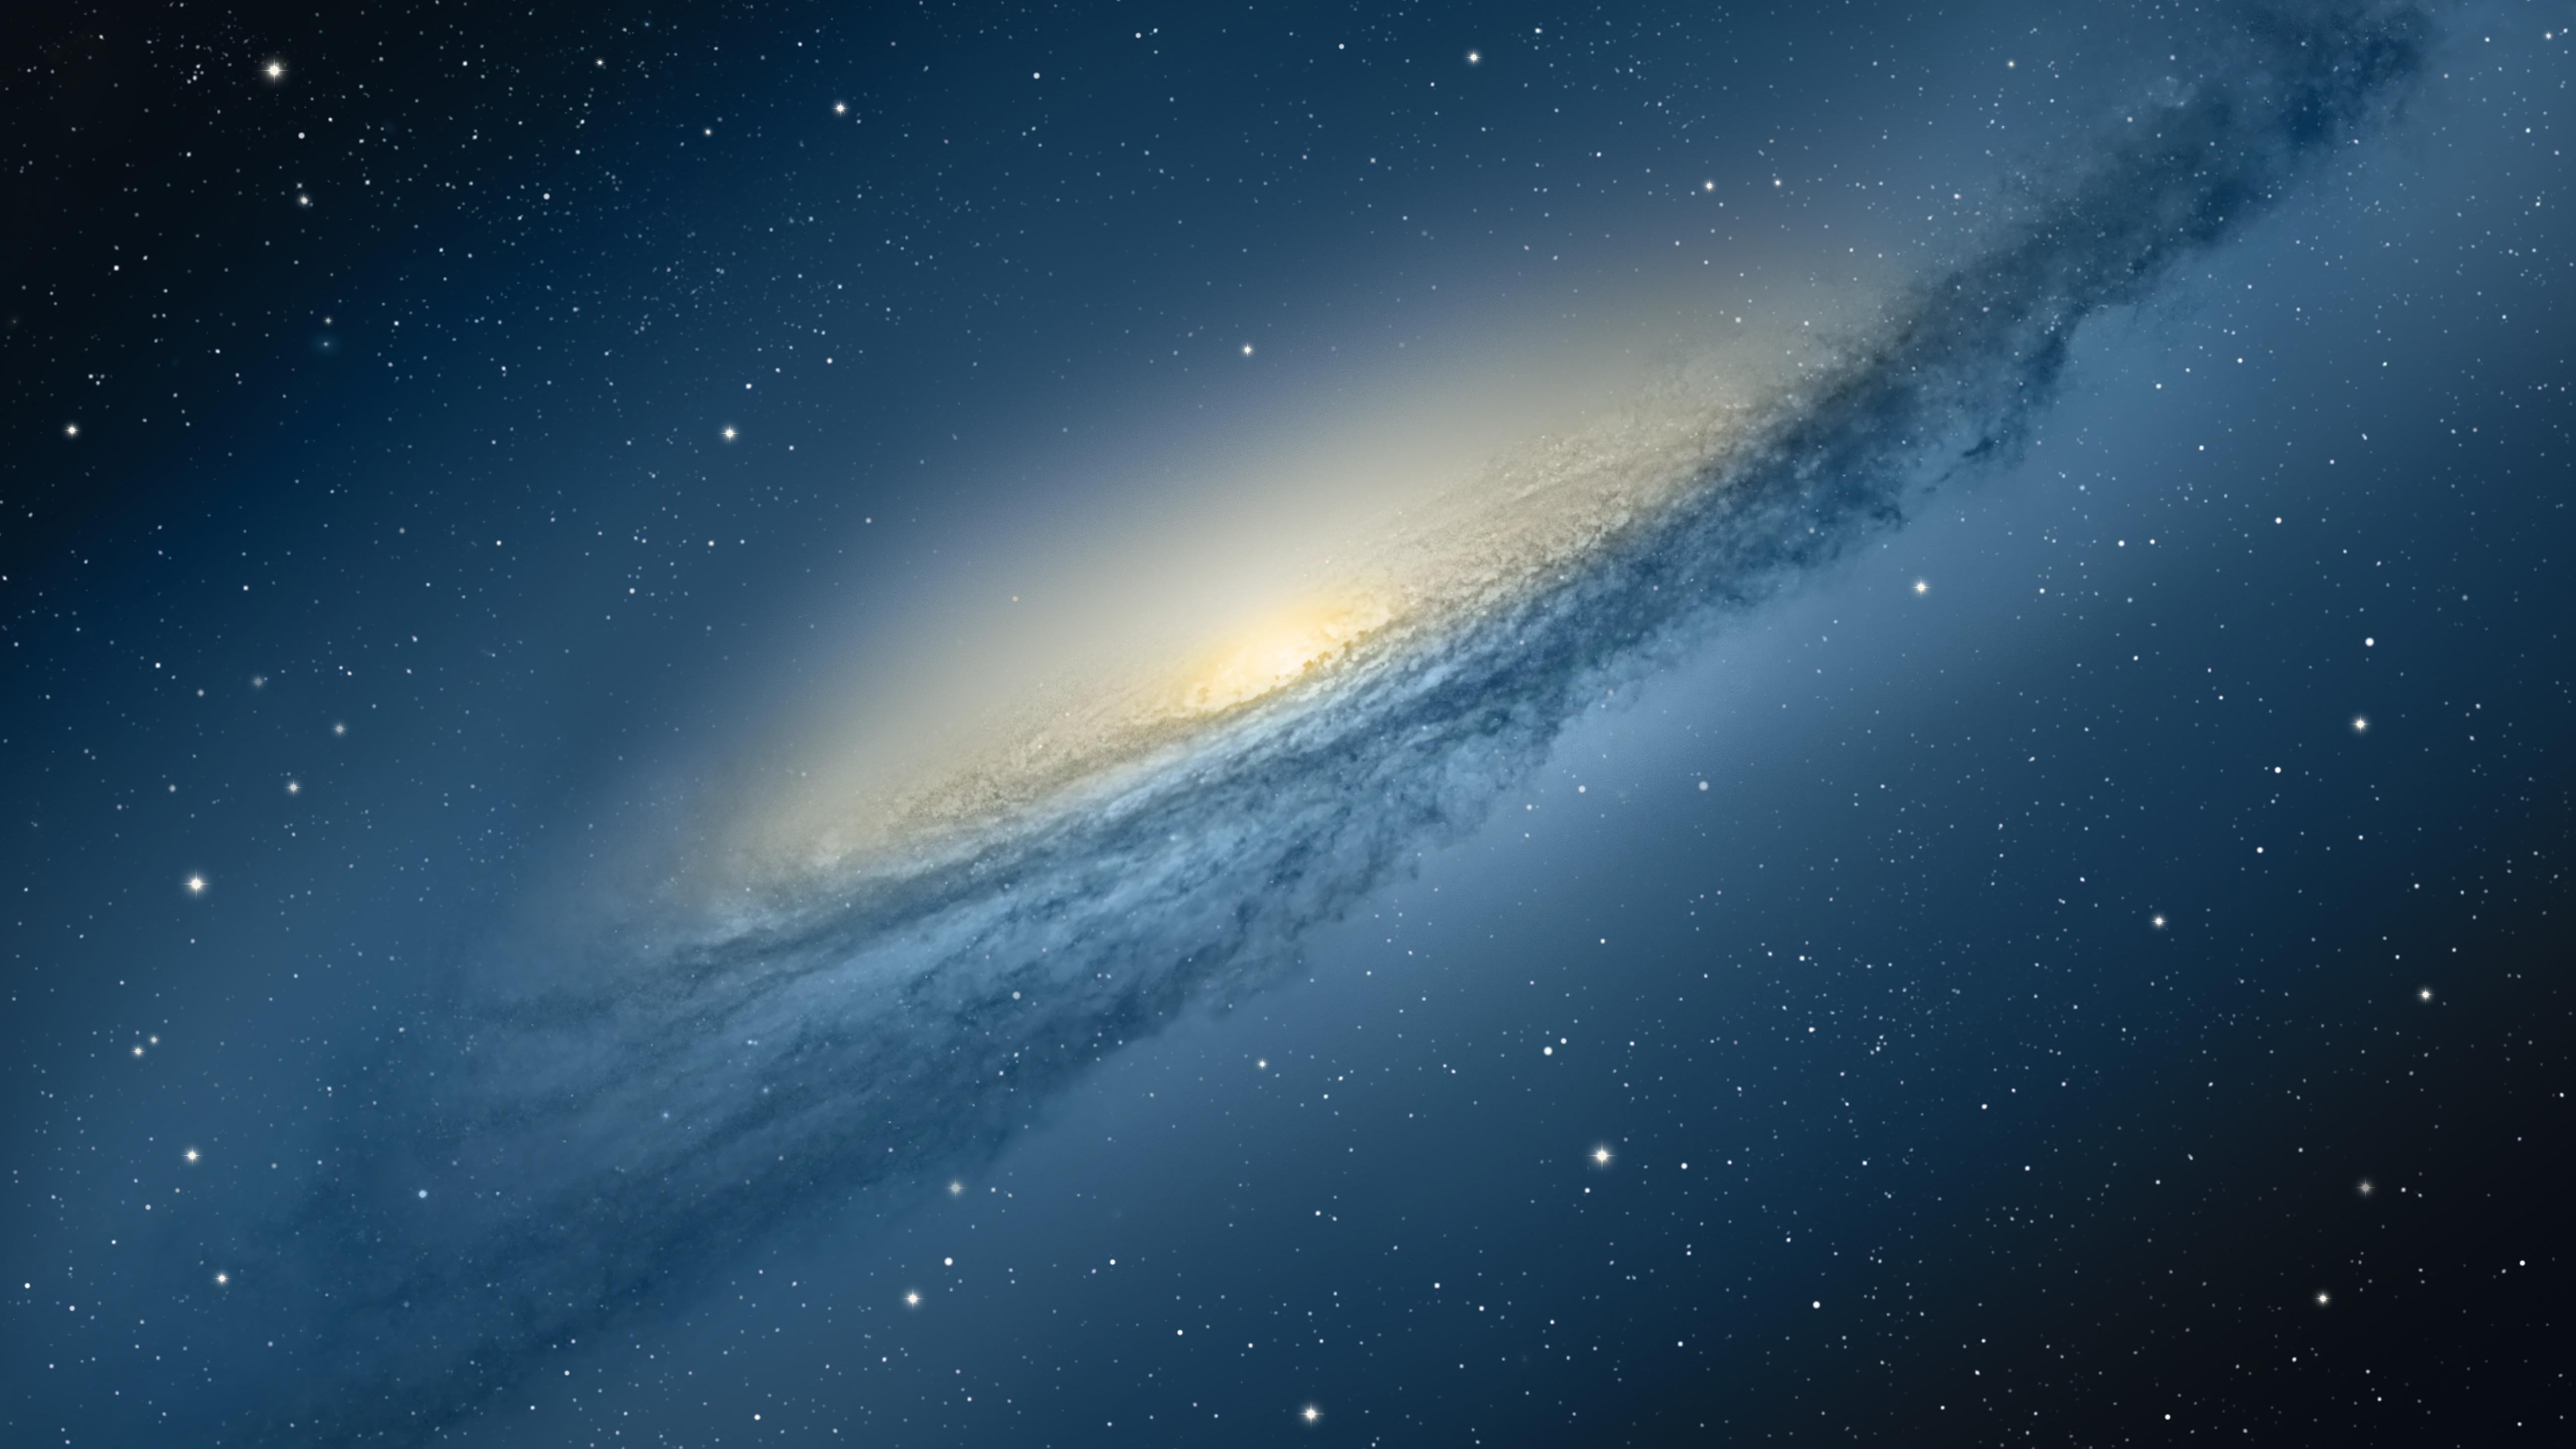 Galaxy Wallpaper X